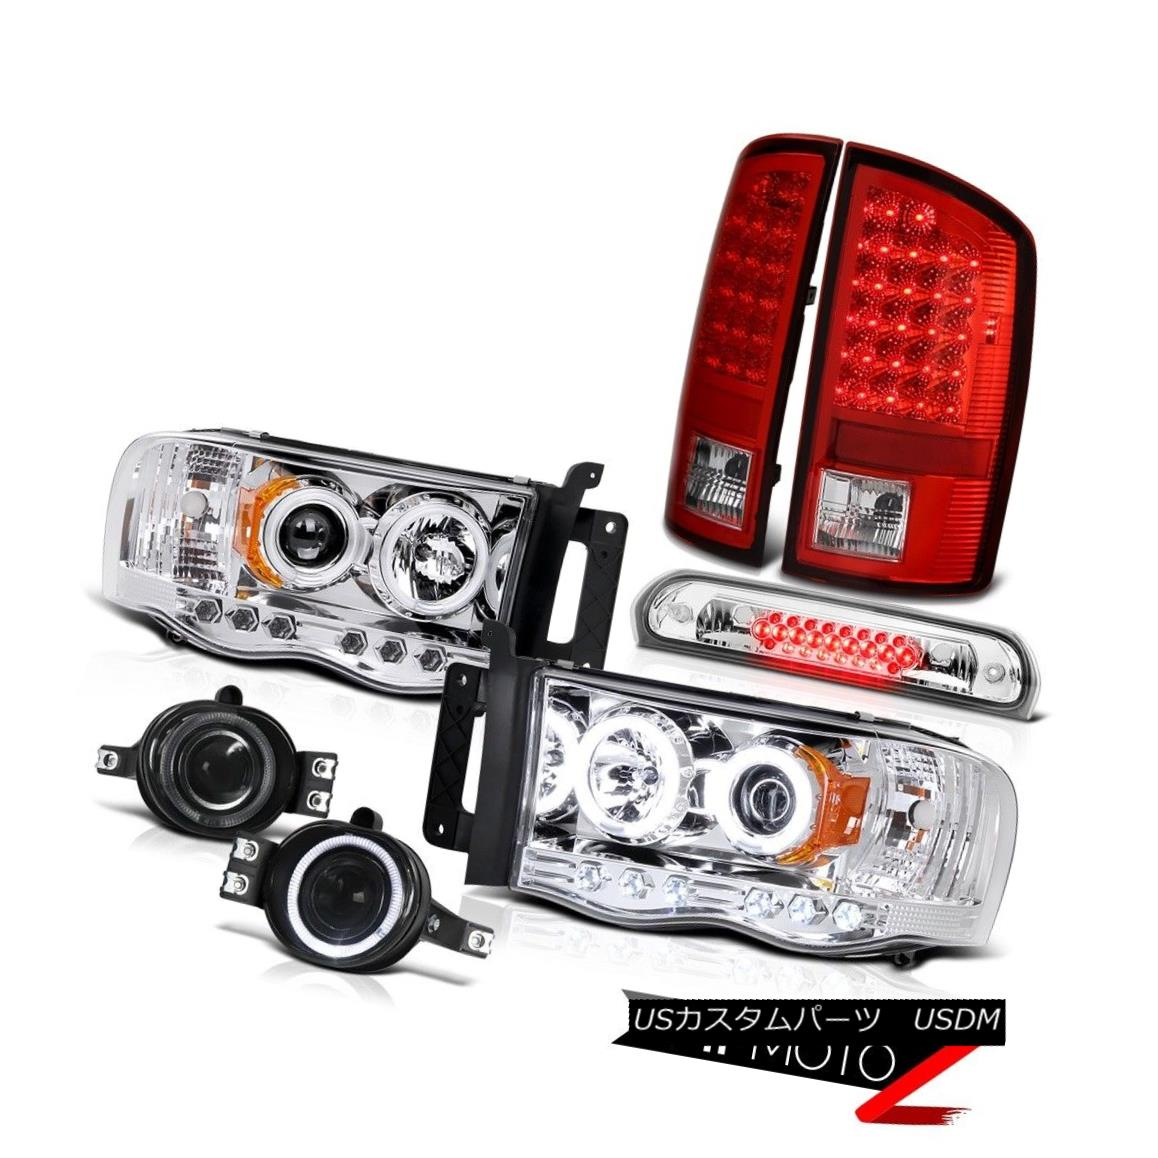 テールライト 02-05 Ram 2500 CCFL Tech Headlights LED Tail Lights Tinted Fog Roof Brake Cargo 02-05 Ram 2500 CCFLテールライトヘッドライトLEDテールライト曇り屋根用ブレーキカーゴ